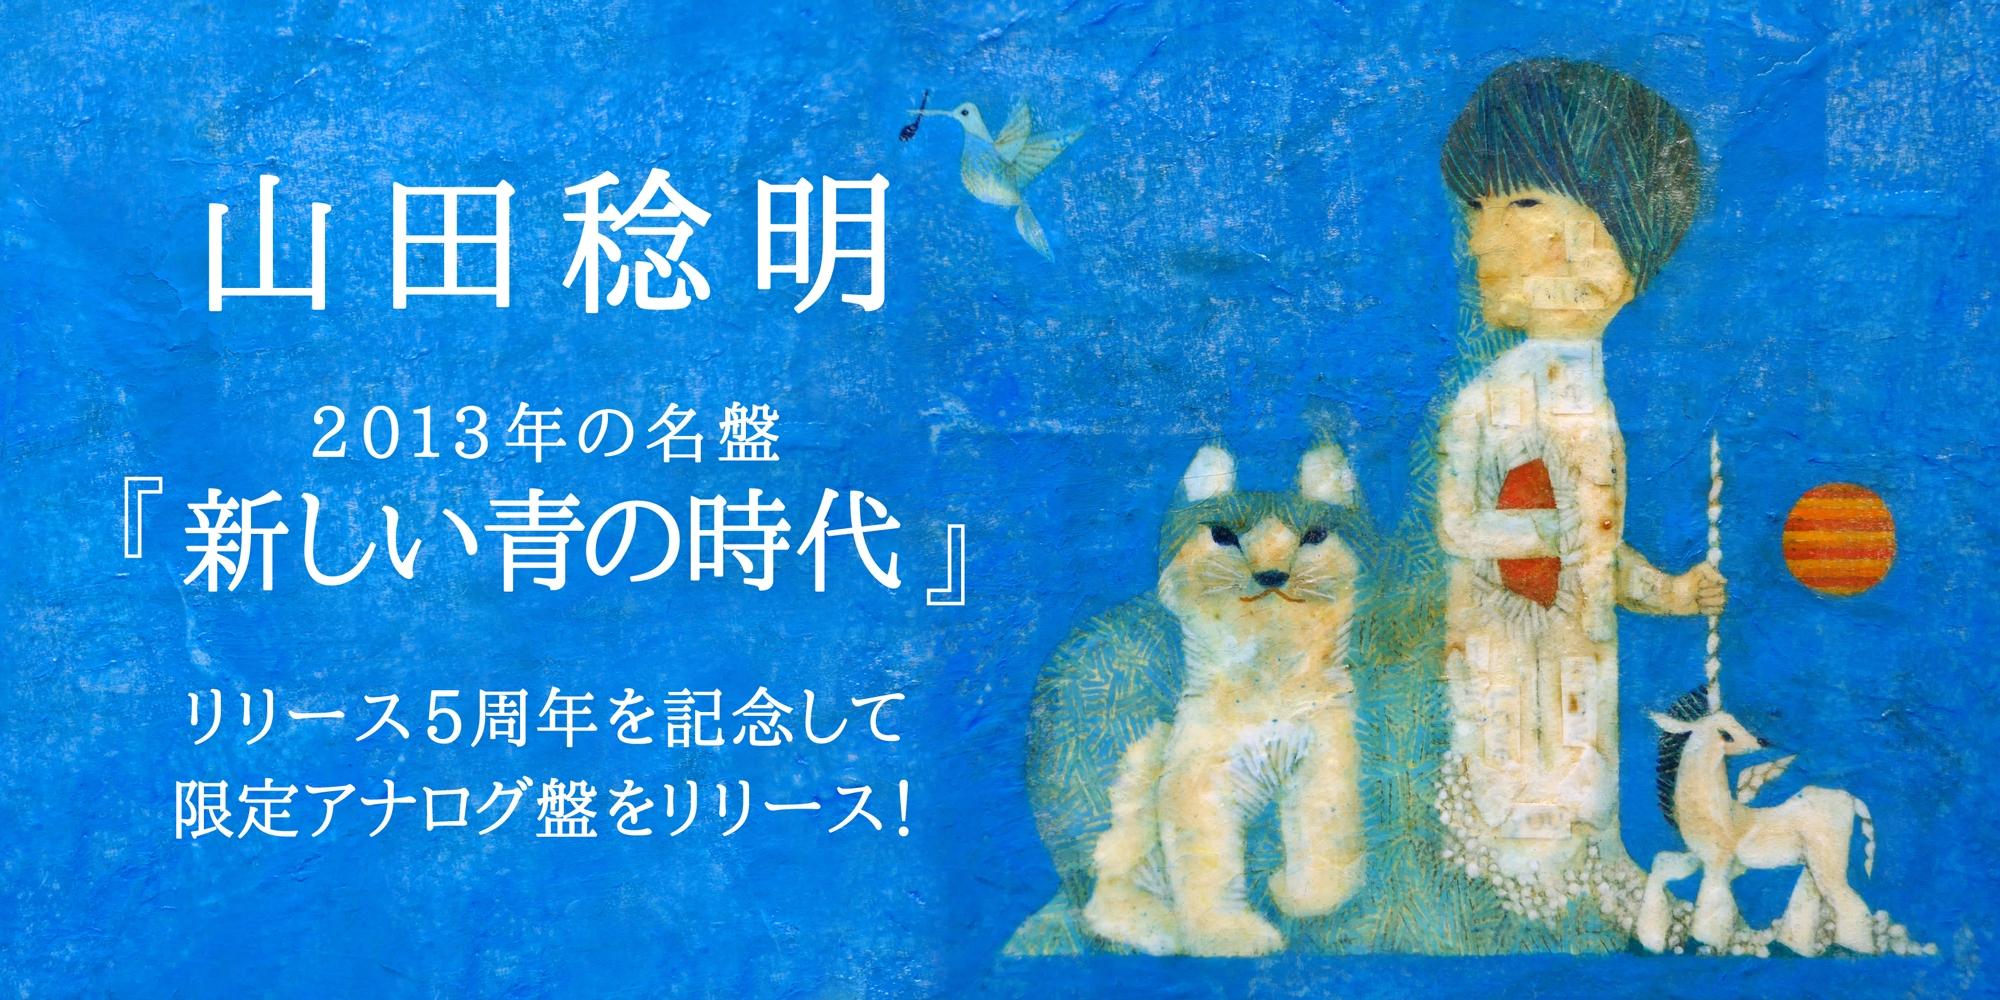 山田稔明『新しい青の時代』限定アナログ盤